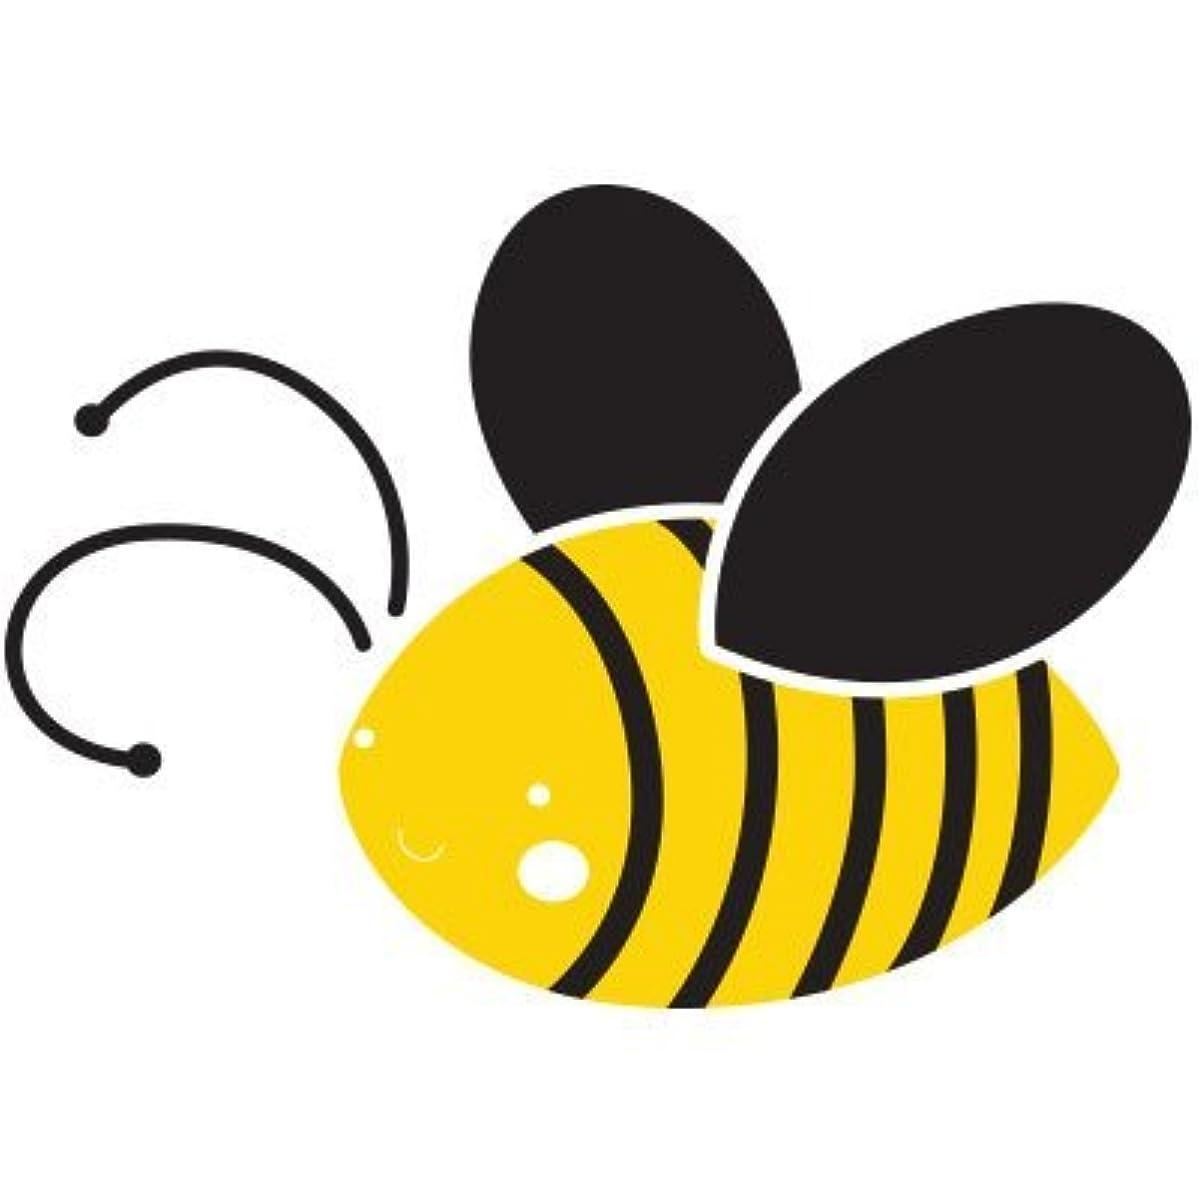 ピクニックをするすごい他の場所My Wonderful Walls Bee Stencil for Painting Bumble Bees on Walls and Furniture by MyWonderfulWalls